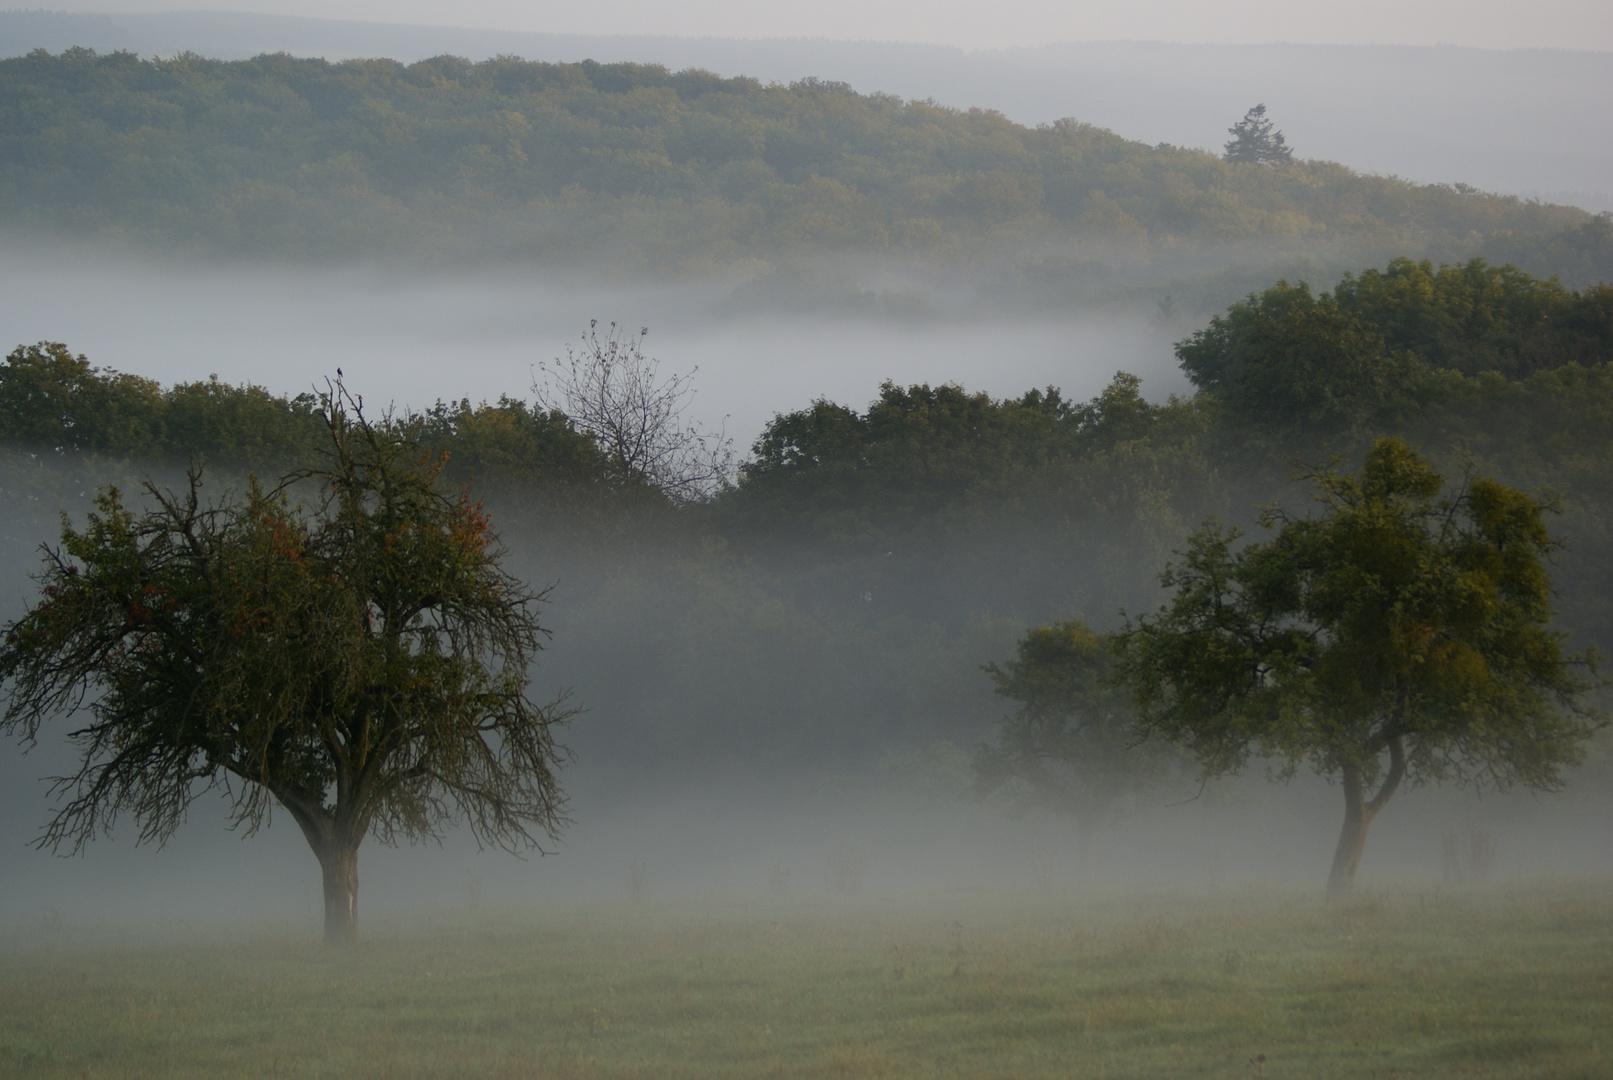 Vom Nebel verschleierter Herbstwald